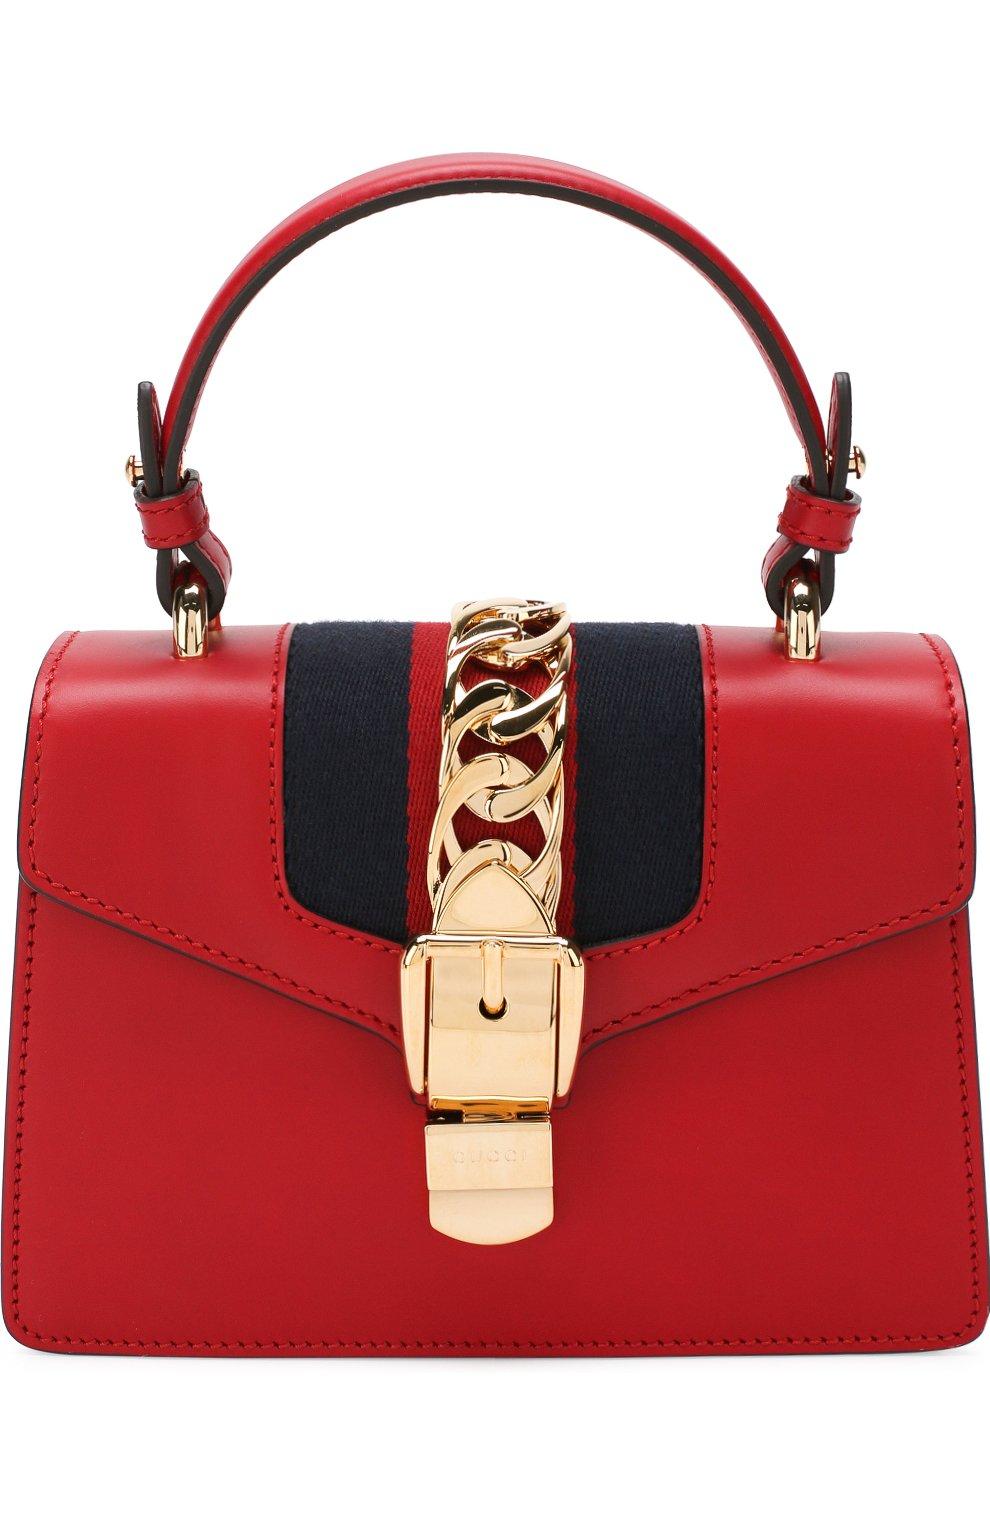 b12c87b6e079 Женская сумка sylvie mini GUCCI красная цвета — купить за 152000 руб ...